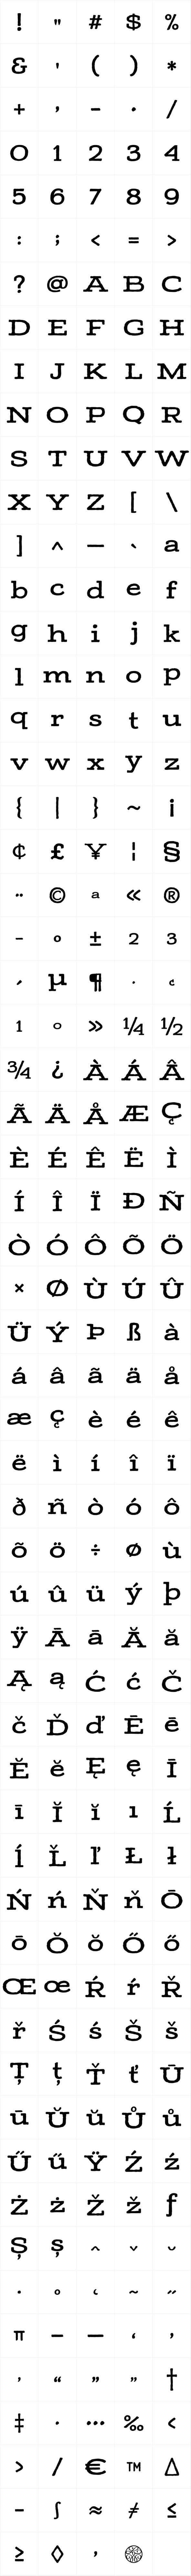 Adorn Slab Serif Bold